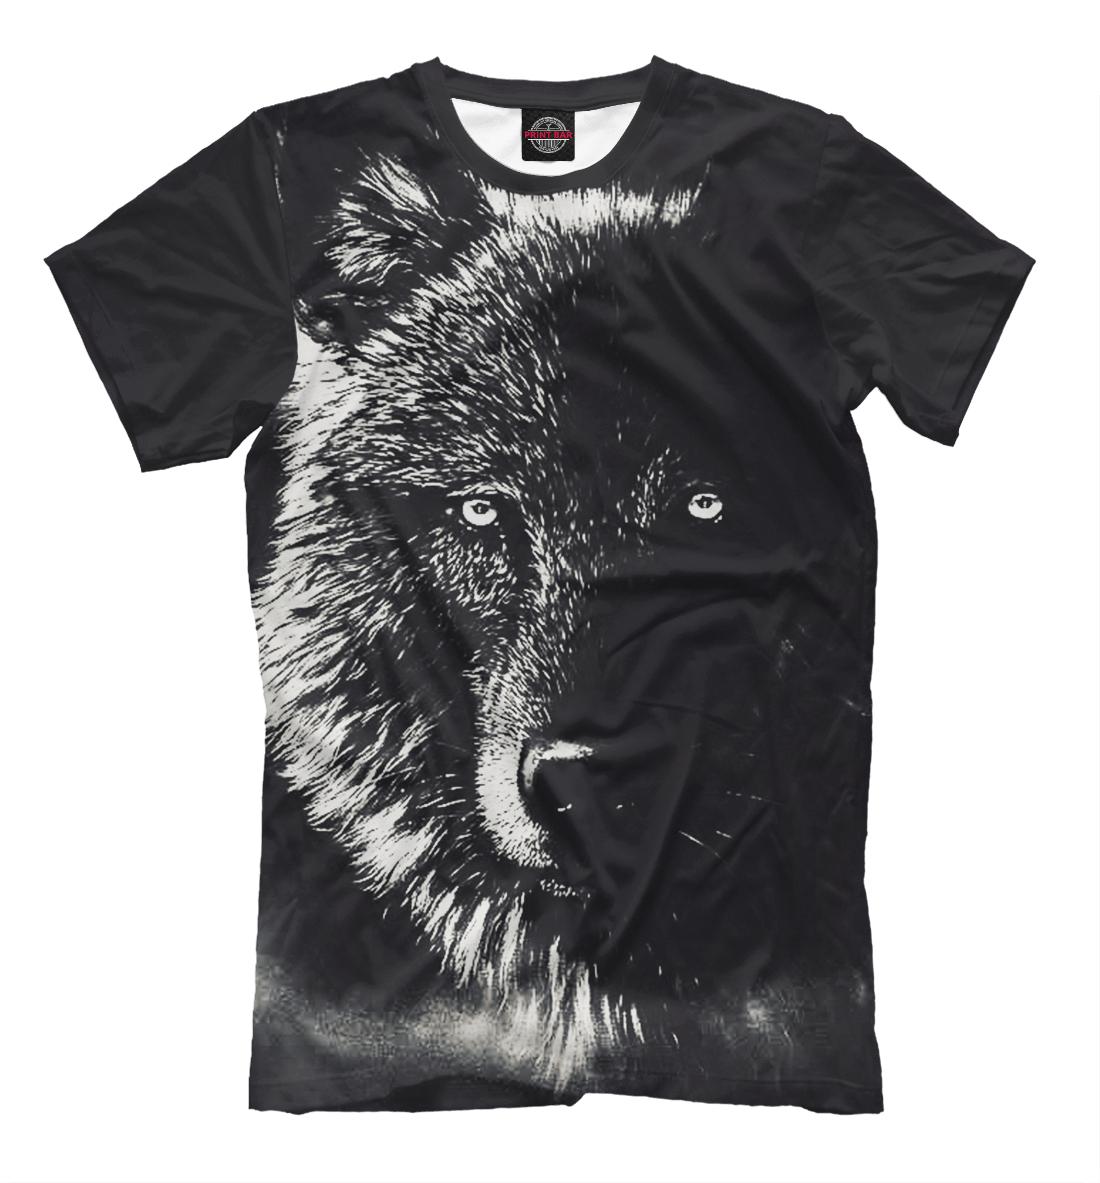 Купить Черный Волк, Printbar, Футболки, VLF-586949-fut-2